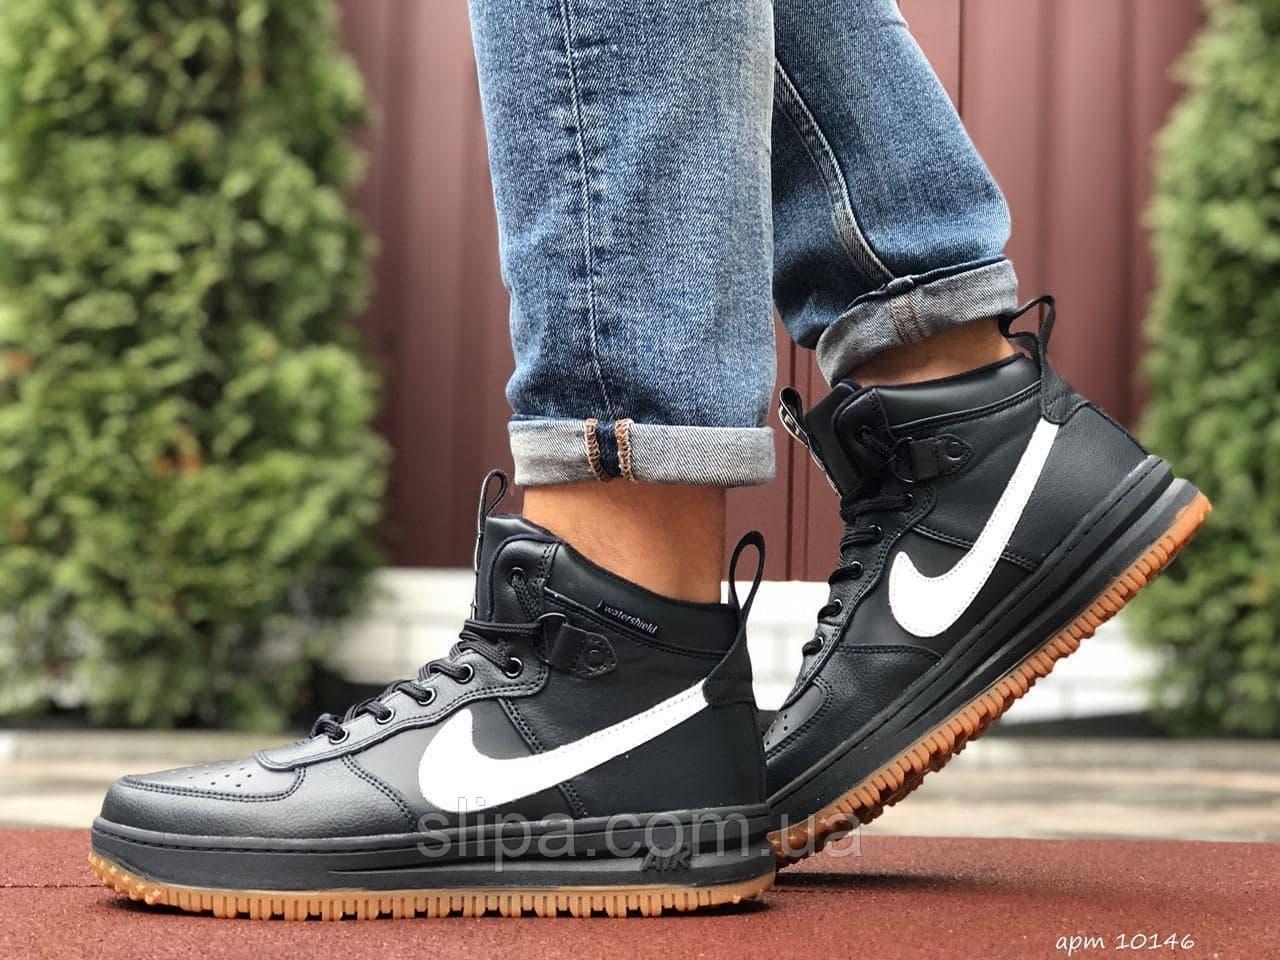 Мужские кожаные кроссовки в стиле Nike Lunar Force 1 тёмно синие с белым лого